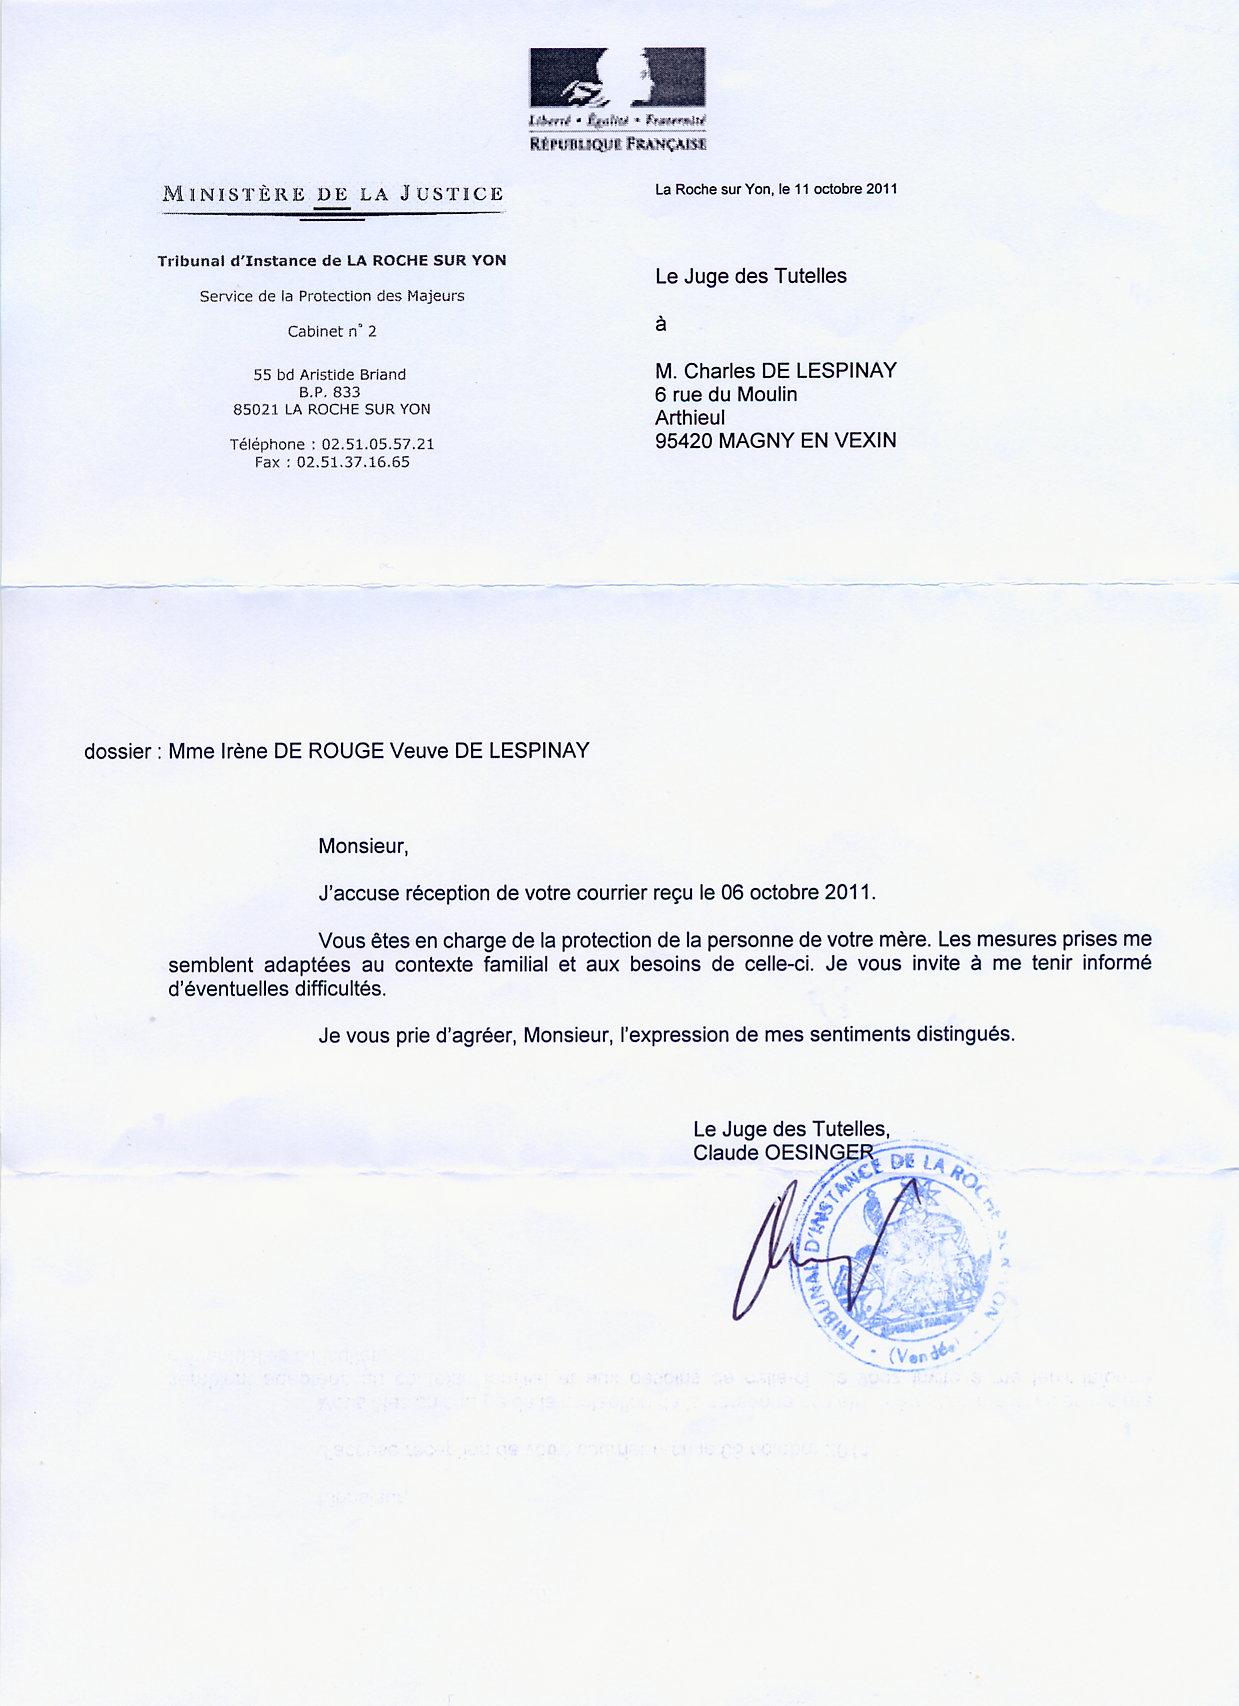 modele de lettre pour mise sous tutelle 2011 – Un juge corrompu, Claude Oesinger, accorde la tutelle de ma  modele de lettre pour mise sous tutelle